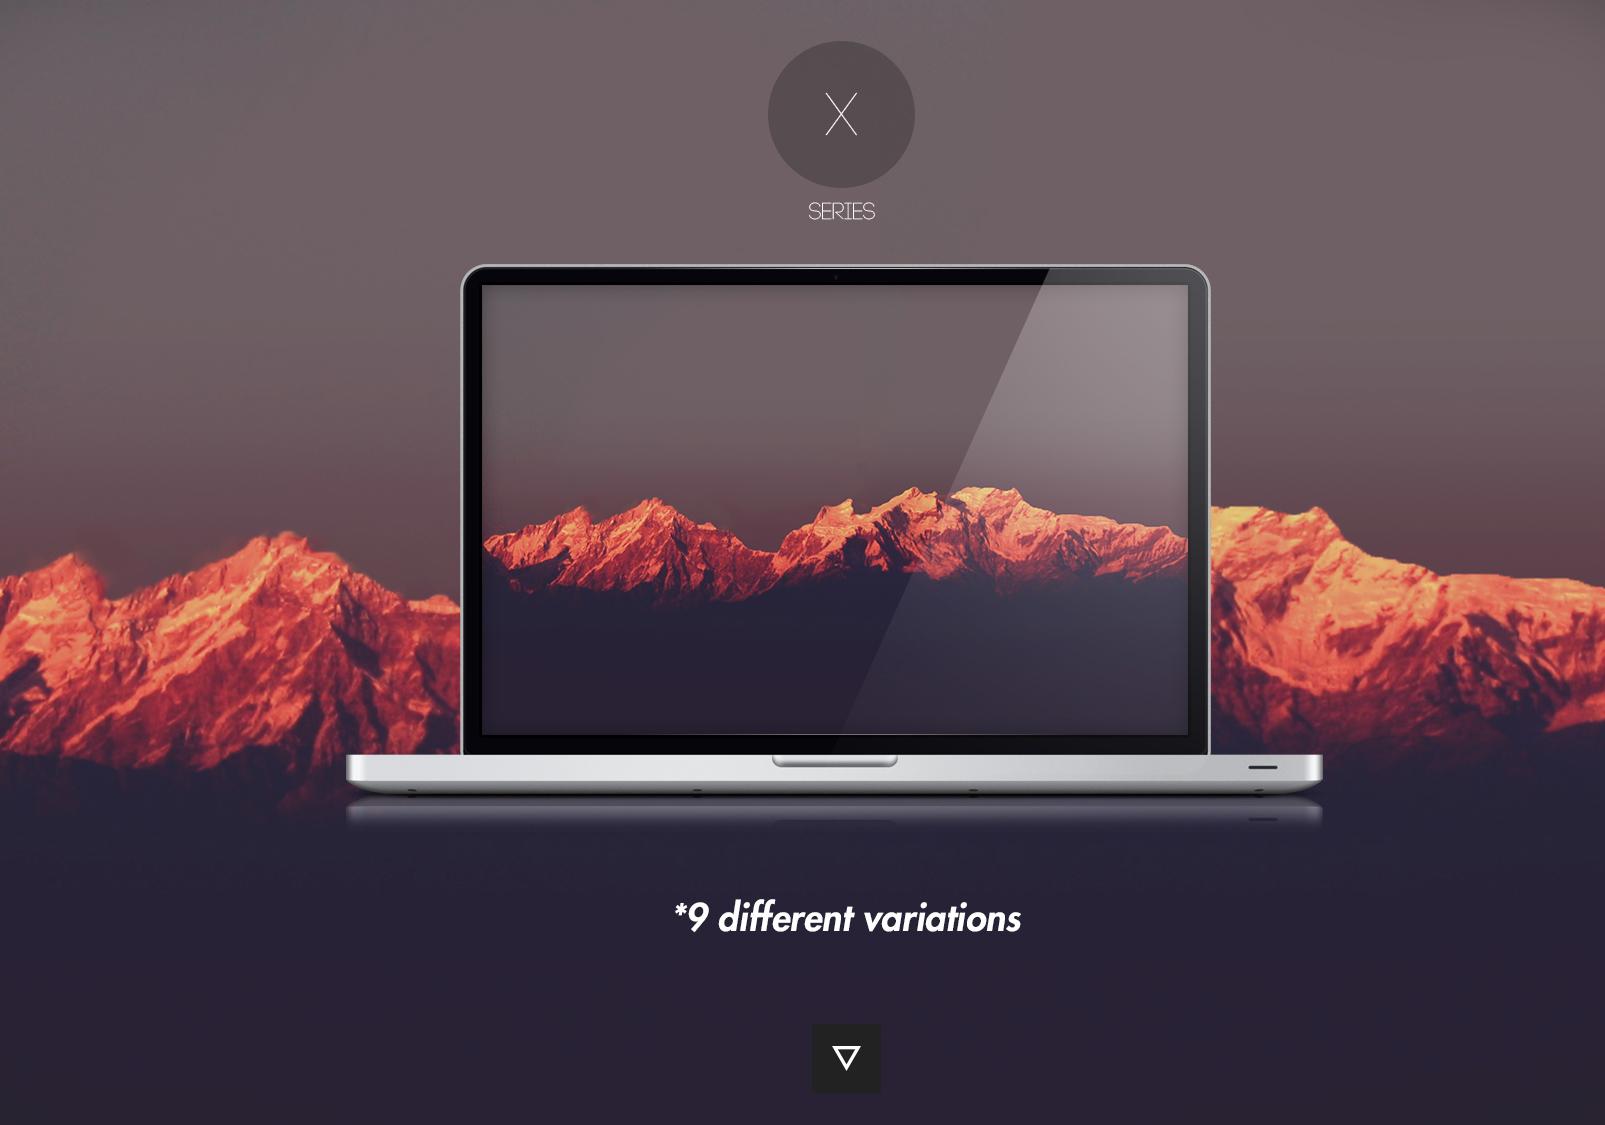 X : V by Slurpaza